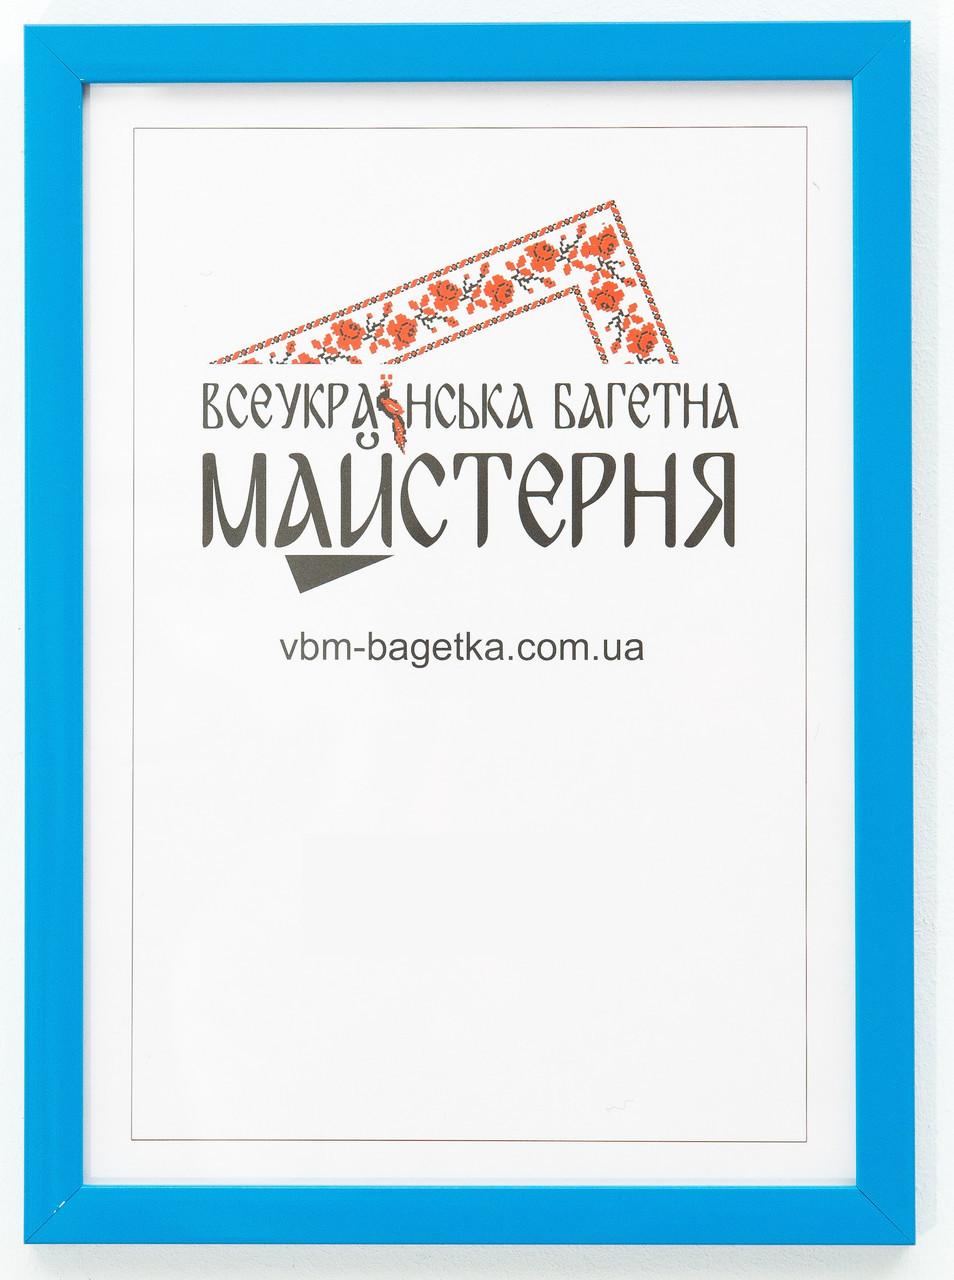 """Рамка для документов А3, 30х40 Голубая - Интернет-магазин дешевой одежды и обуви  """"6КМ"""" низкие цены! в Одессе"""